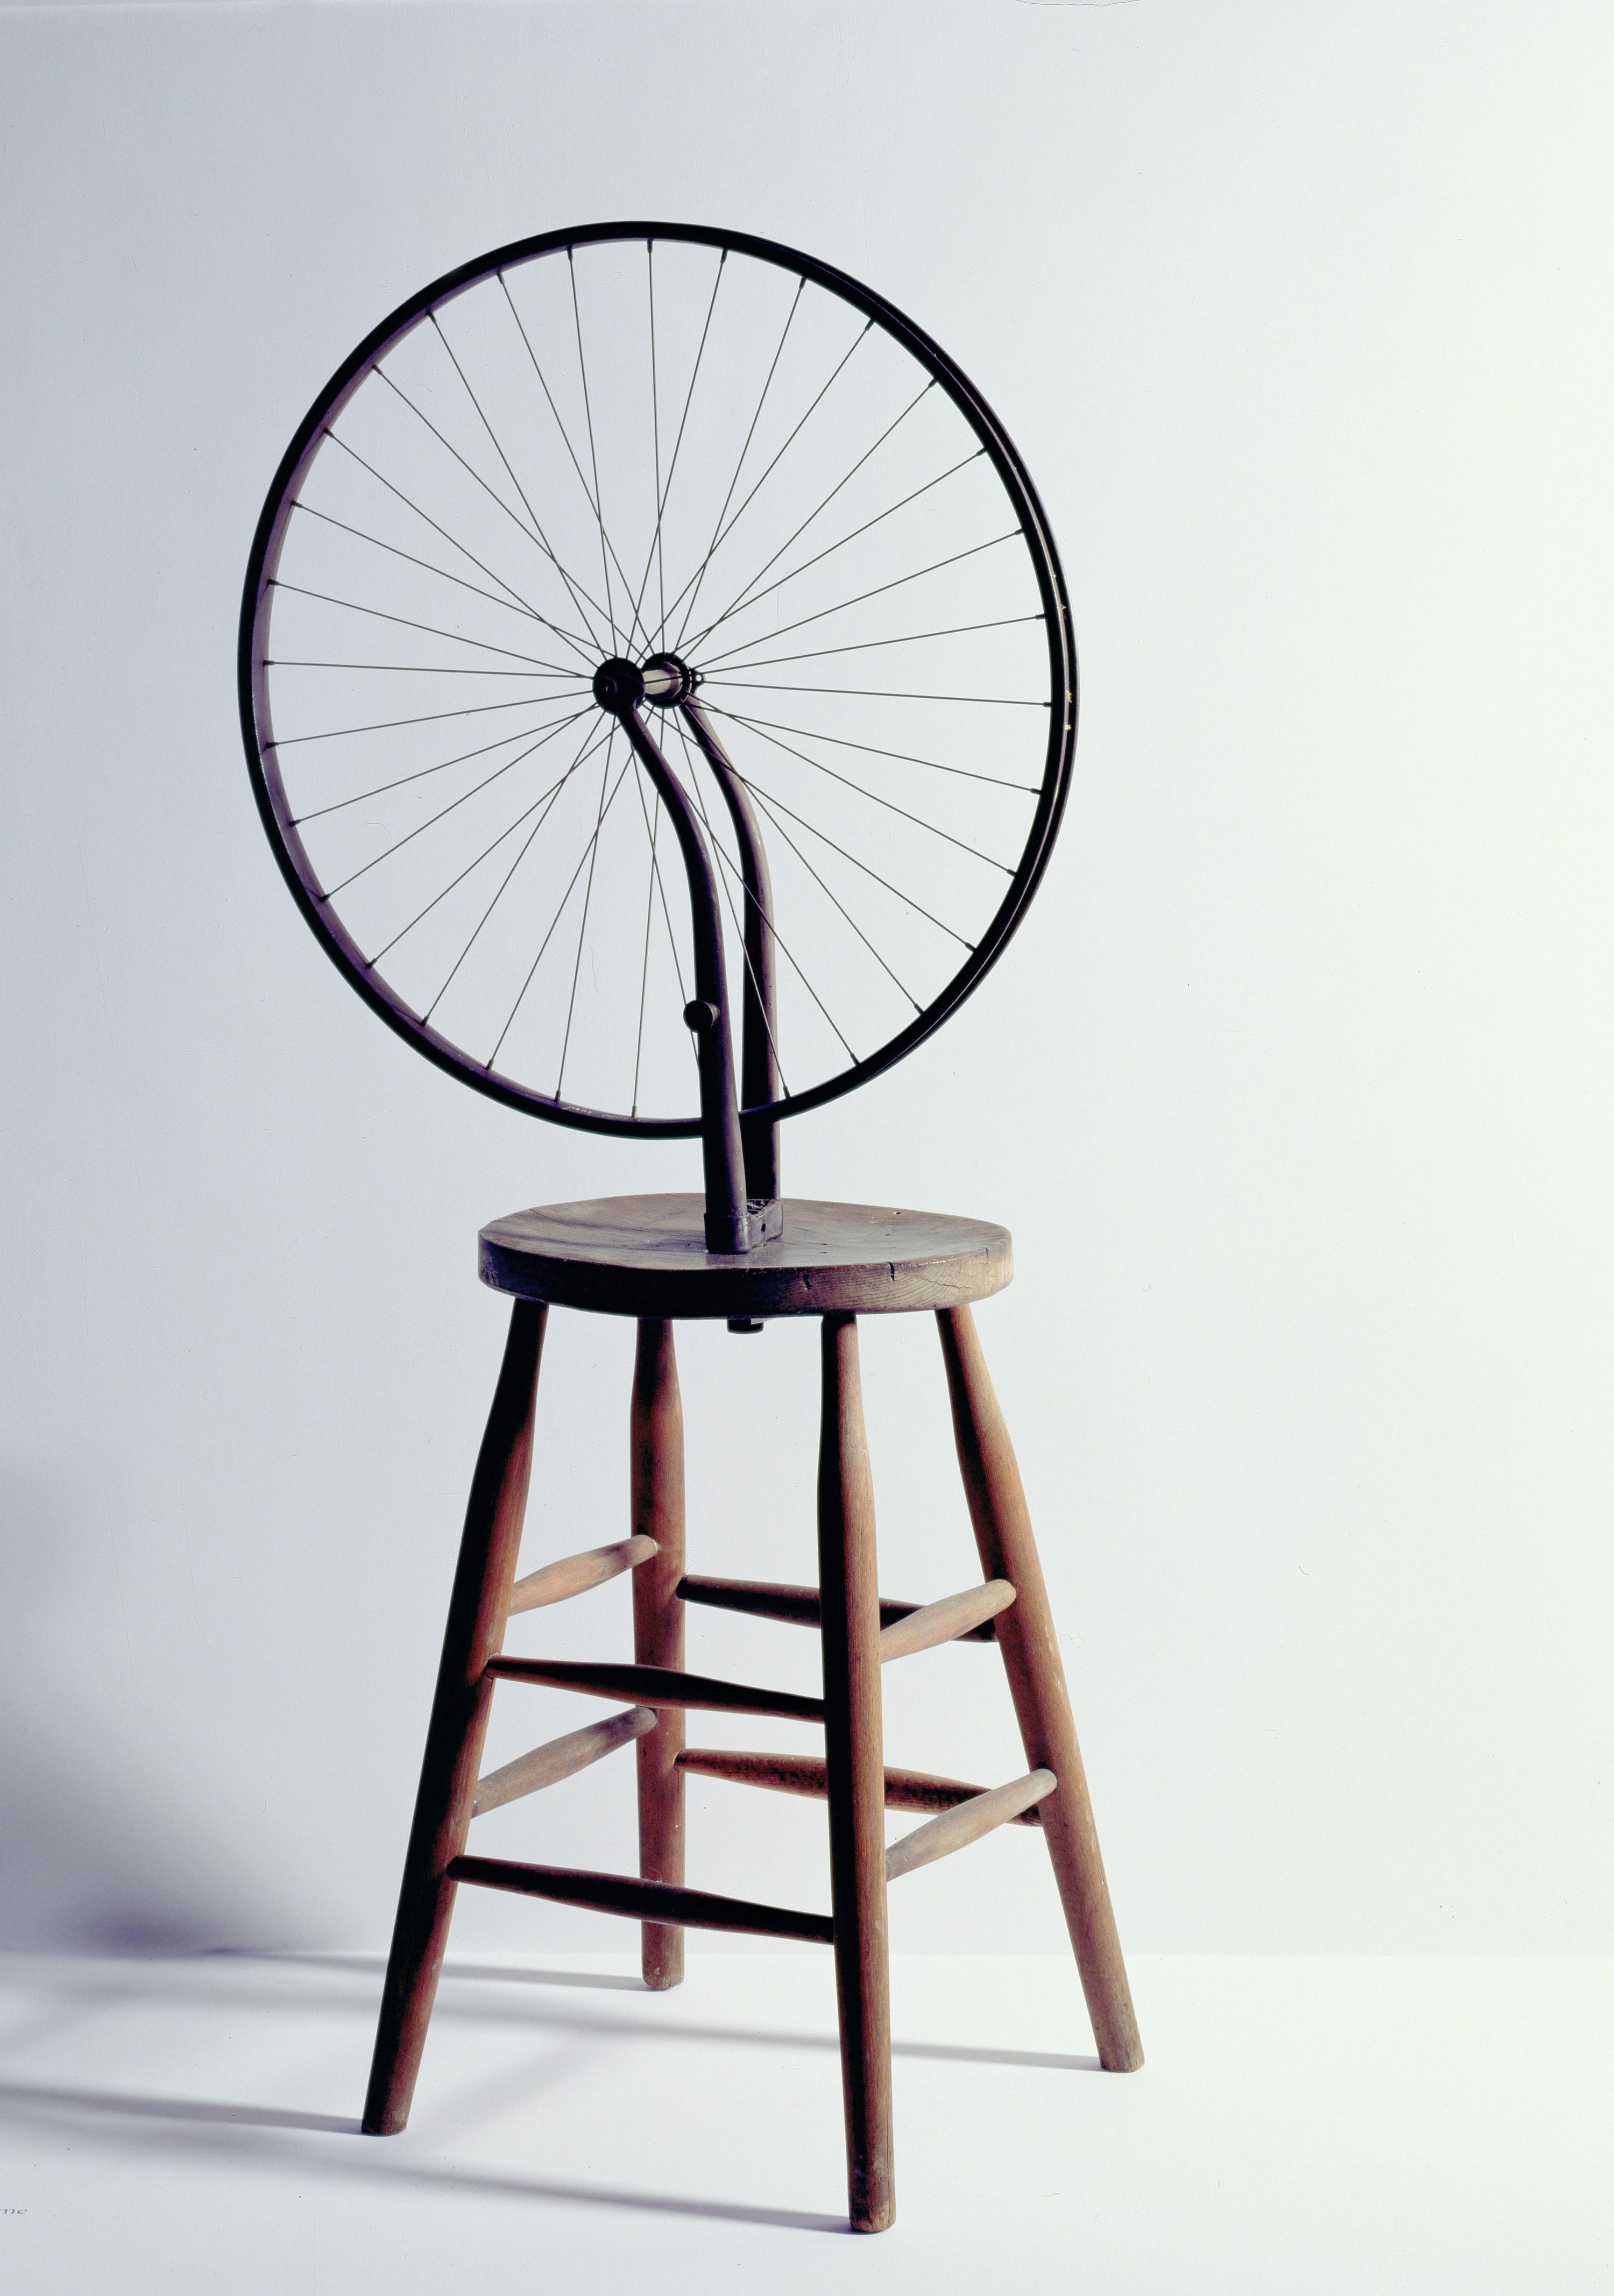 Marcel Duchamp, Roue de bicyclette, 1963, reconstitution de l'oeuvre de 1913, Palazzo Grassi, Venise.